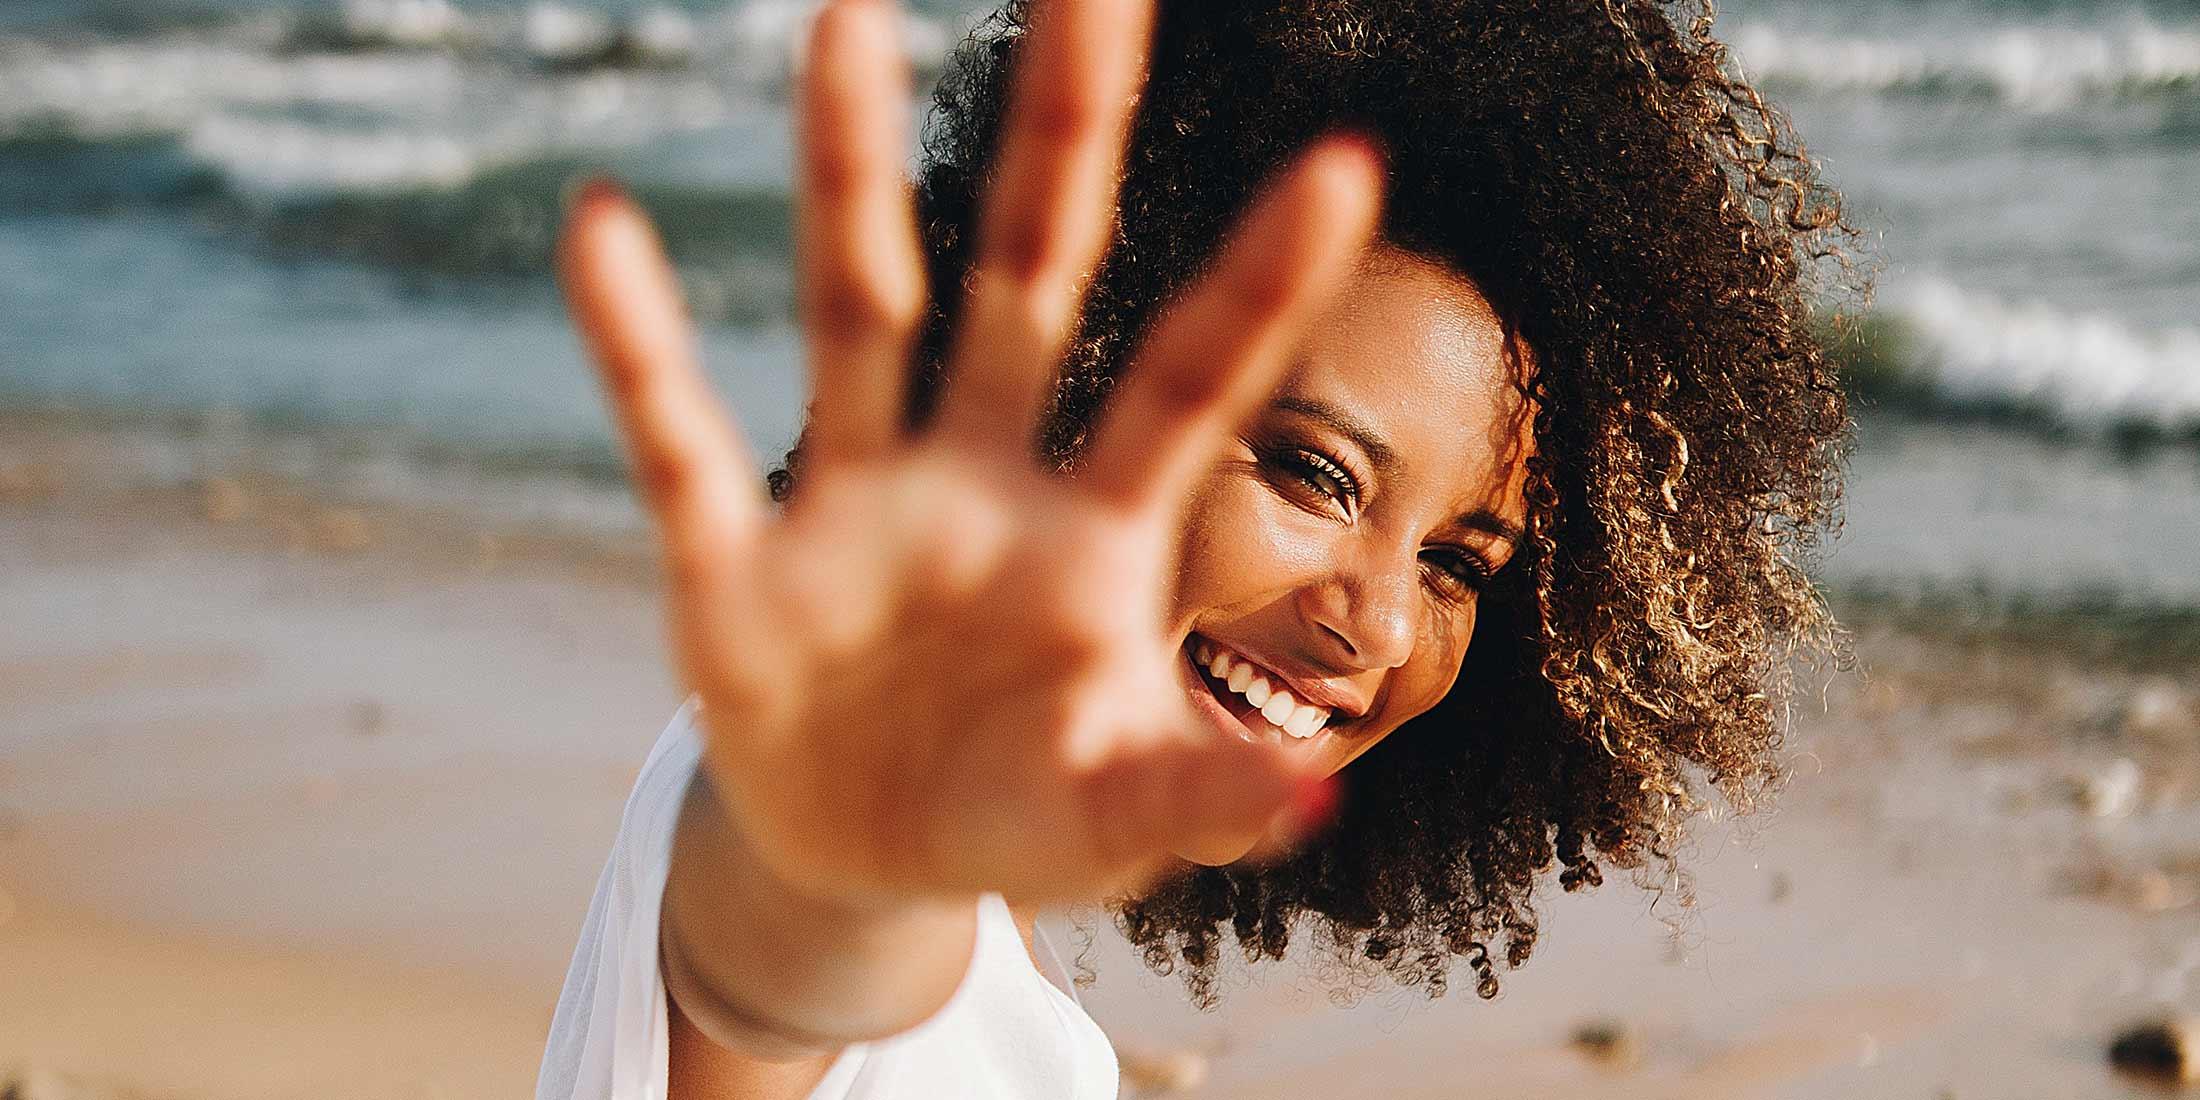 Las 5 ventajas clave de Invisalign frente a la ortodoncia tradicional.